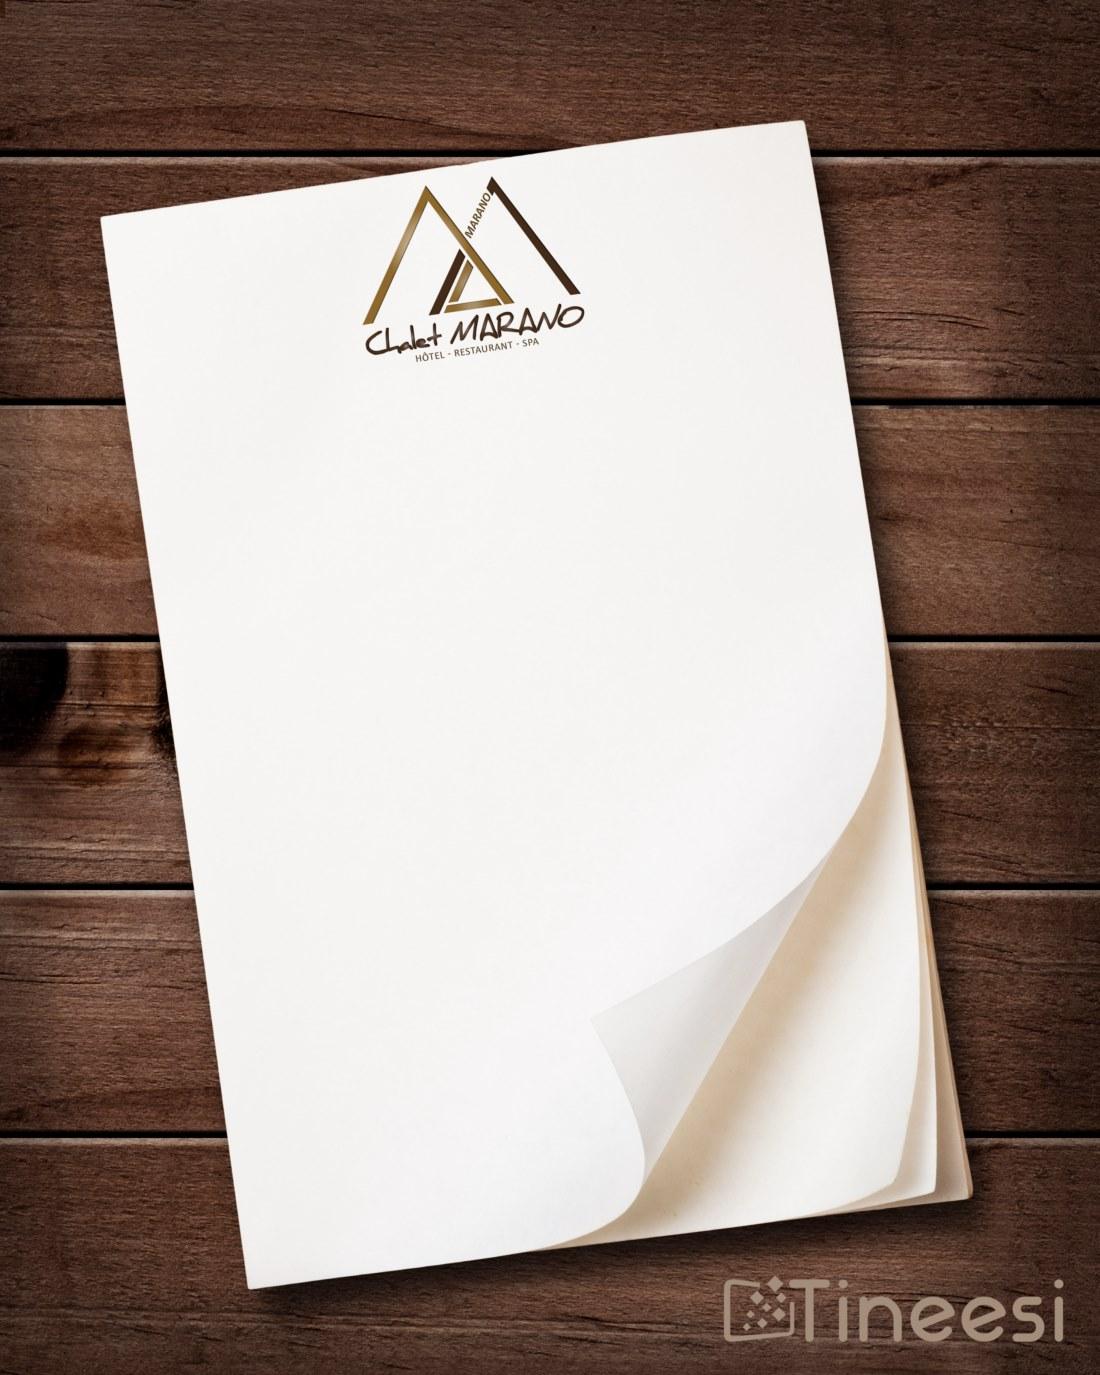 2017-09 chalet marano – mockup logo [800×600]